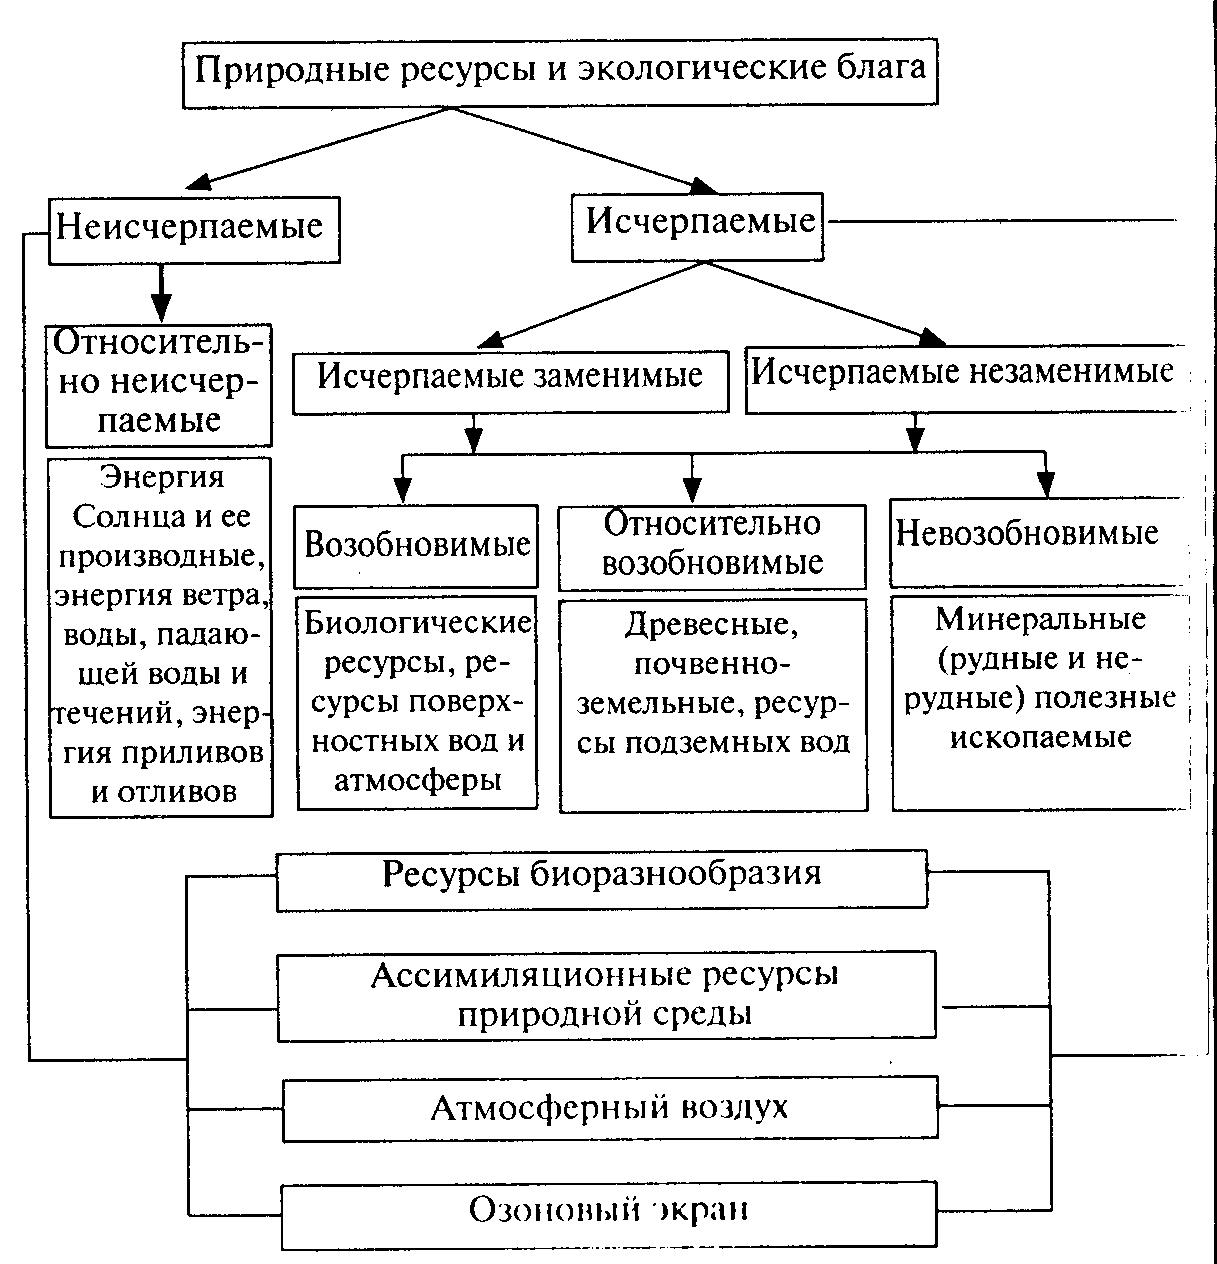 Схема кадастры природных ресурсов схема